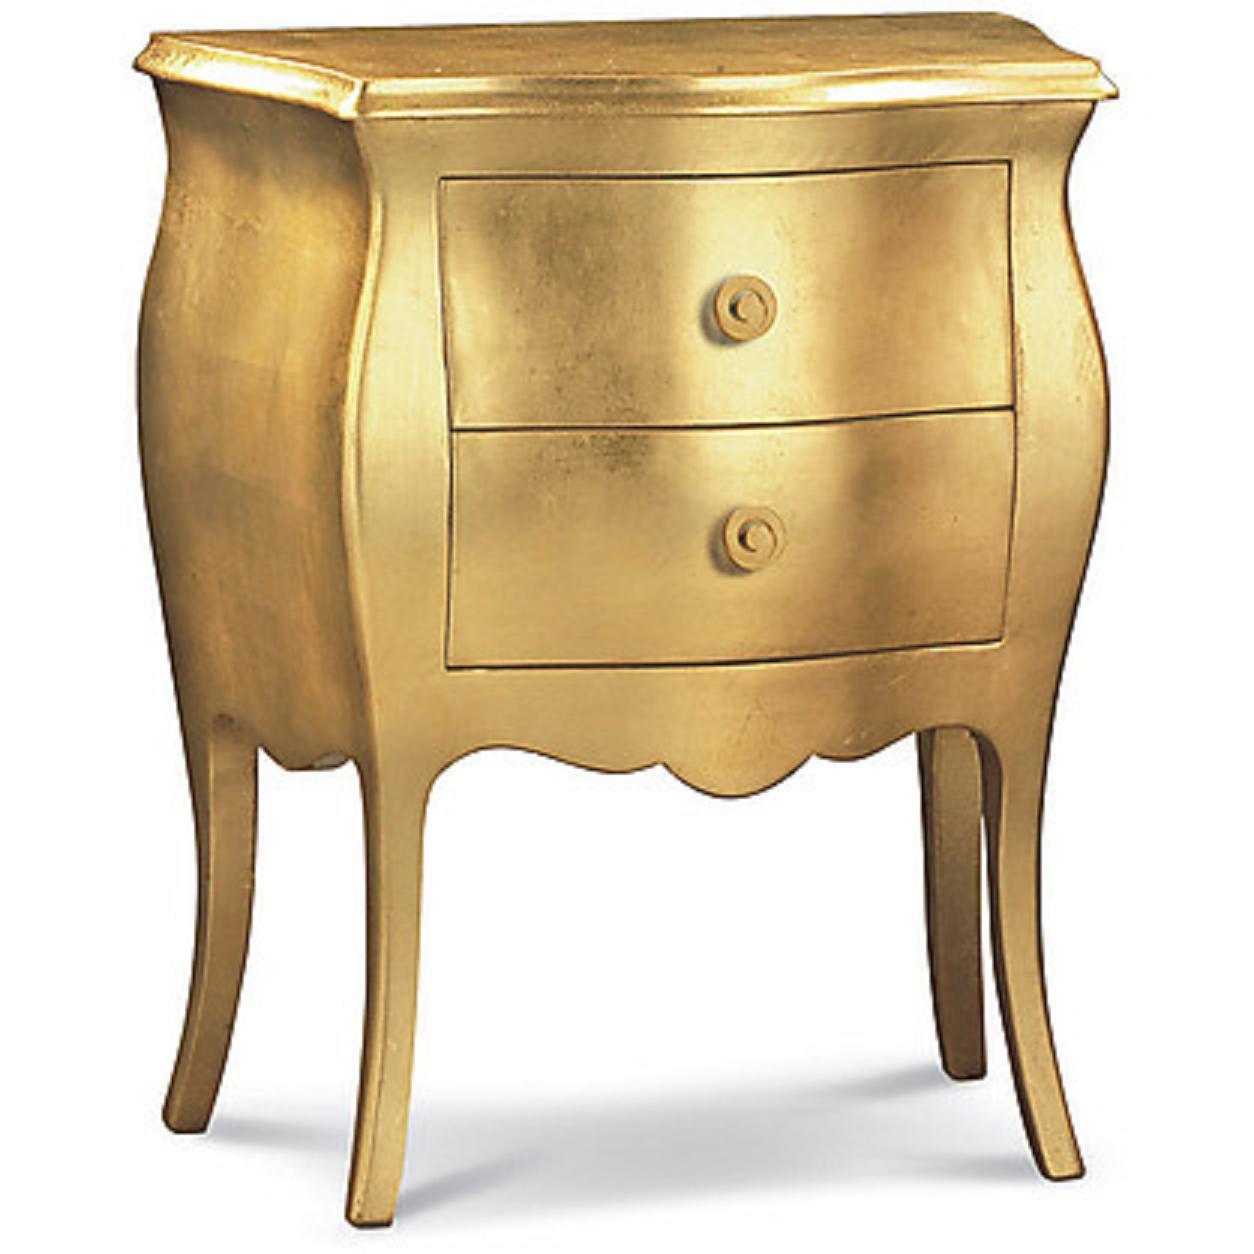 art.1252-oro comodino sardegna arte povera classico - Magazzino ...